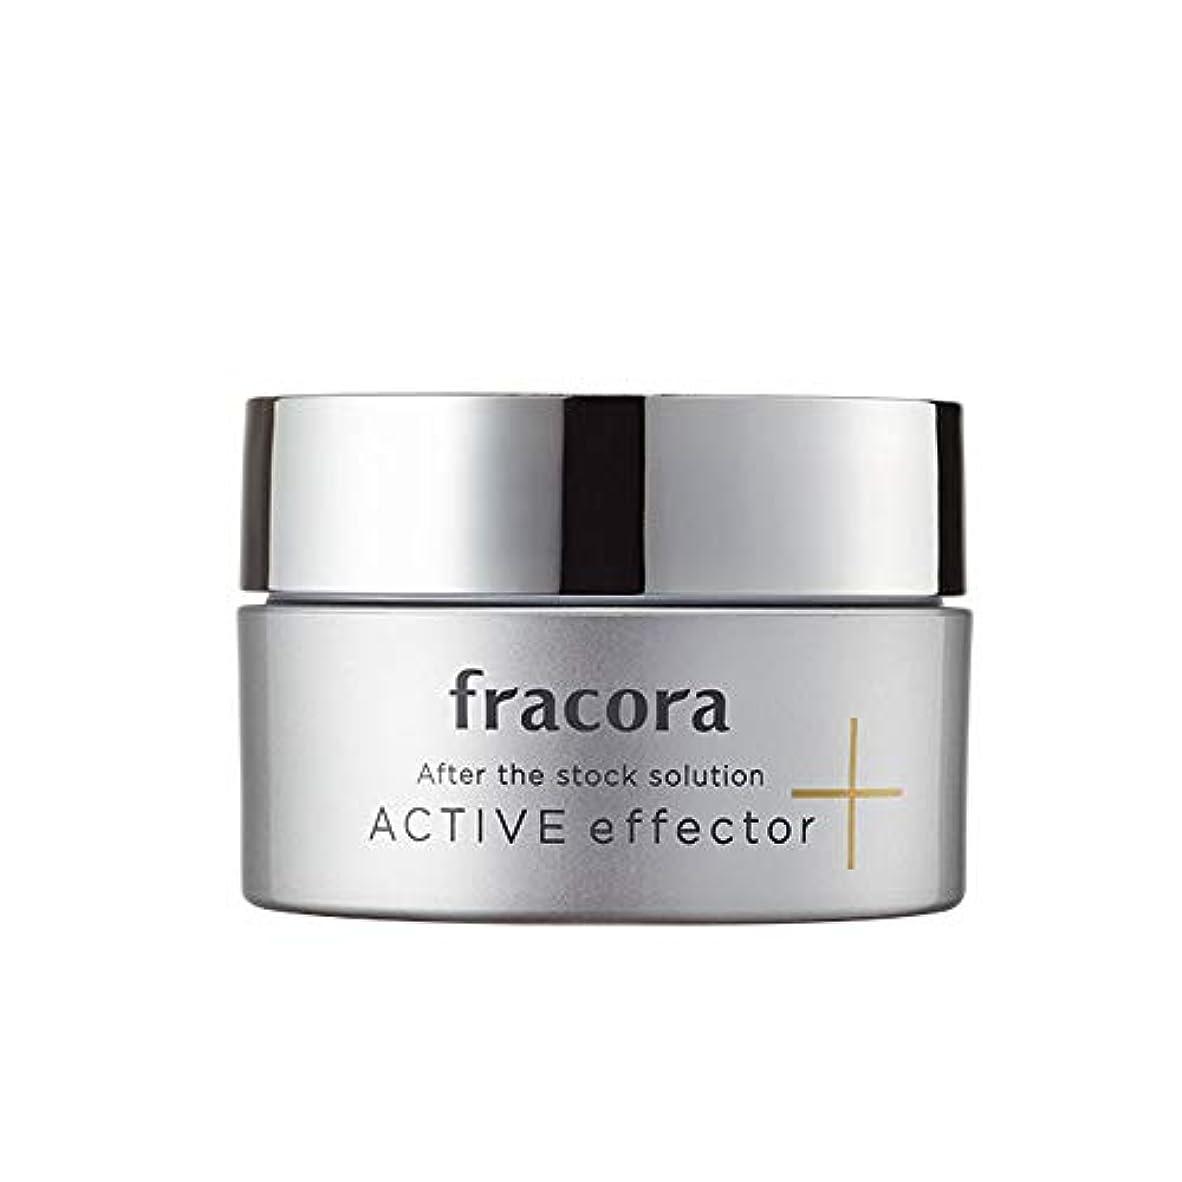 成熟した抽選討論fracora(フラコラ) クリーム アクティブ エフェクター 50g